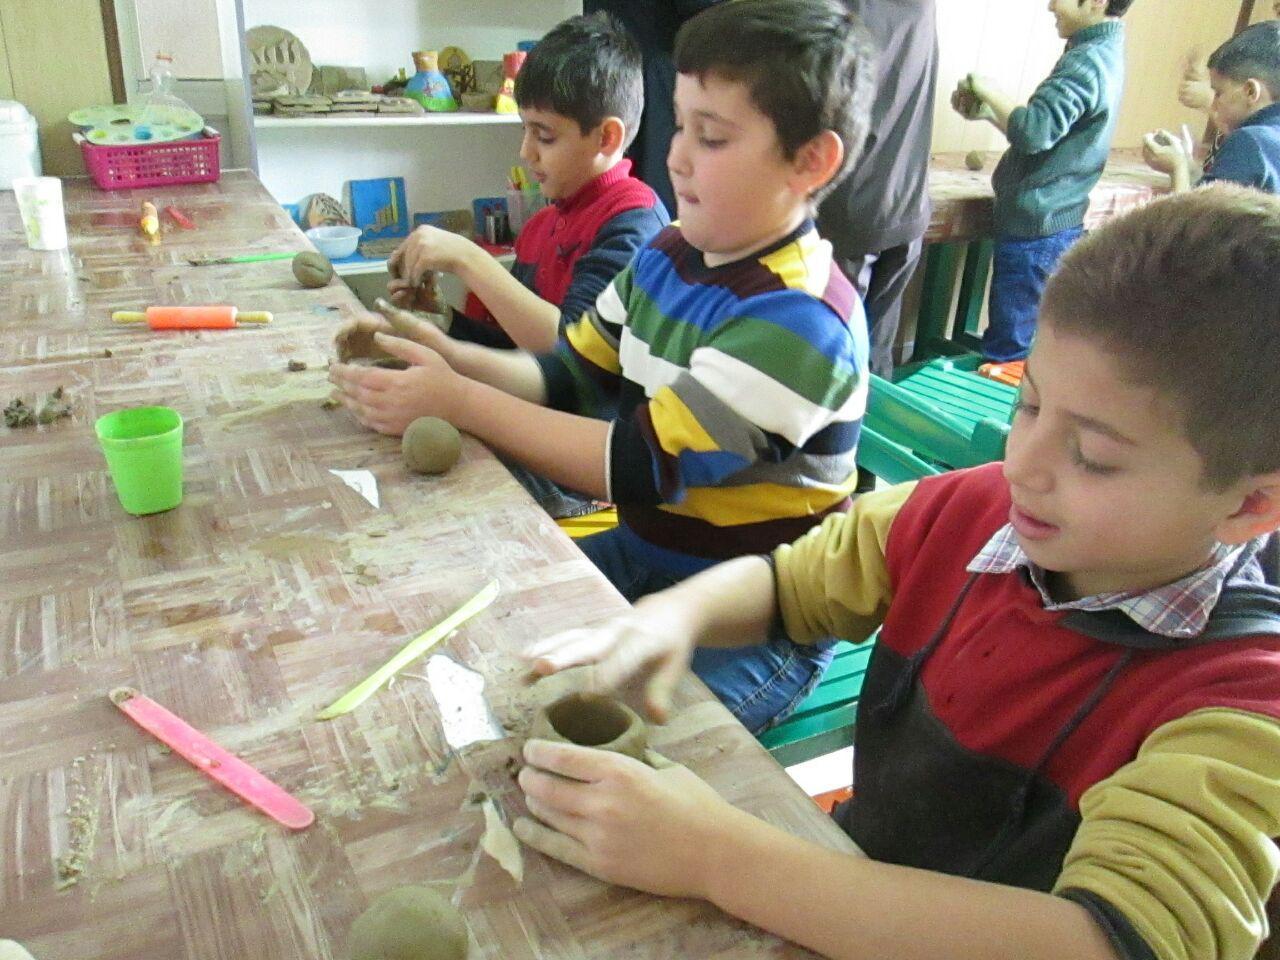 سفر دانشآموزان به شهرهاي باستاني در کارگاه سفالگري